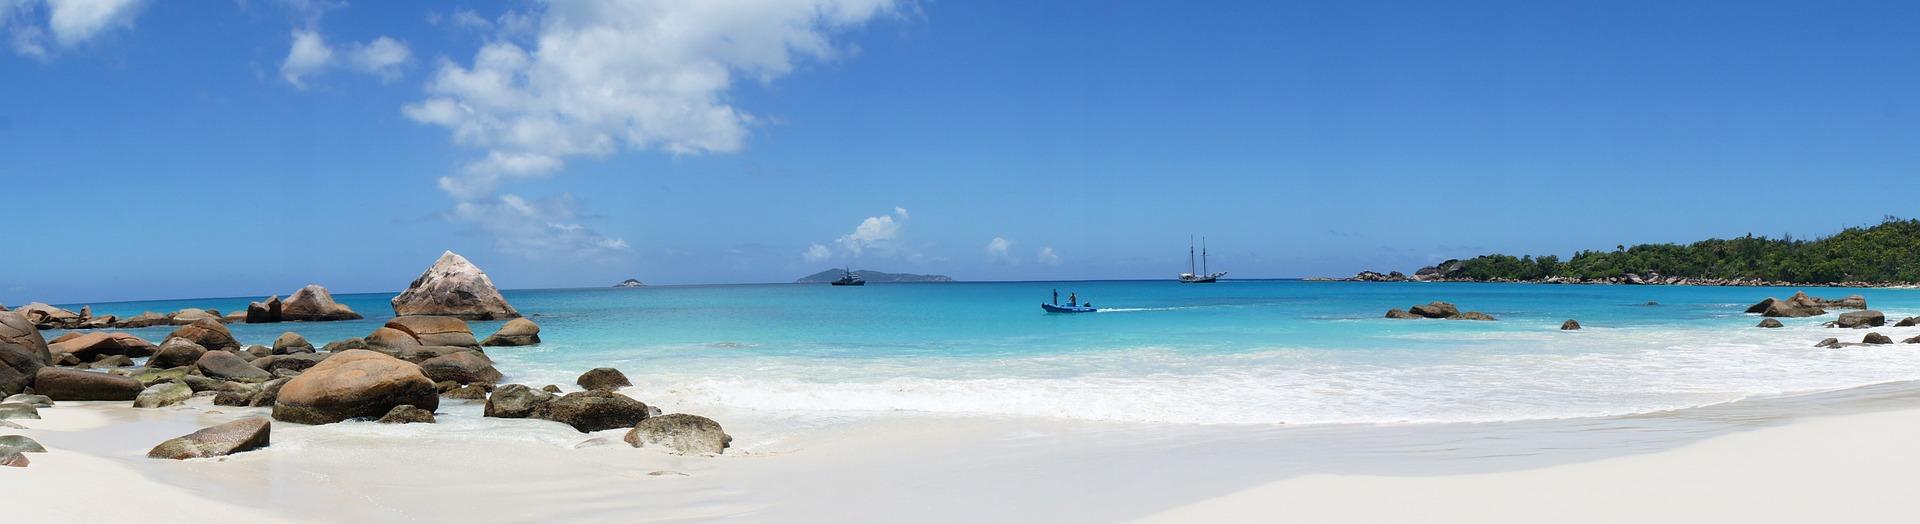 Silvester Kreuzfahrt Karibik